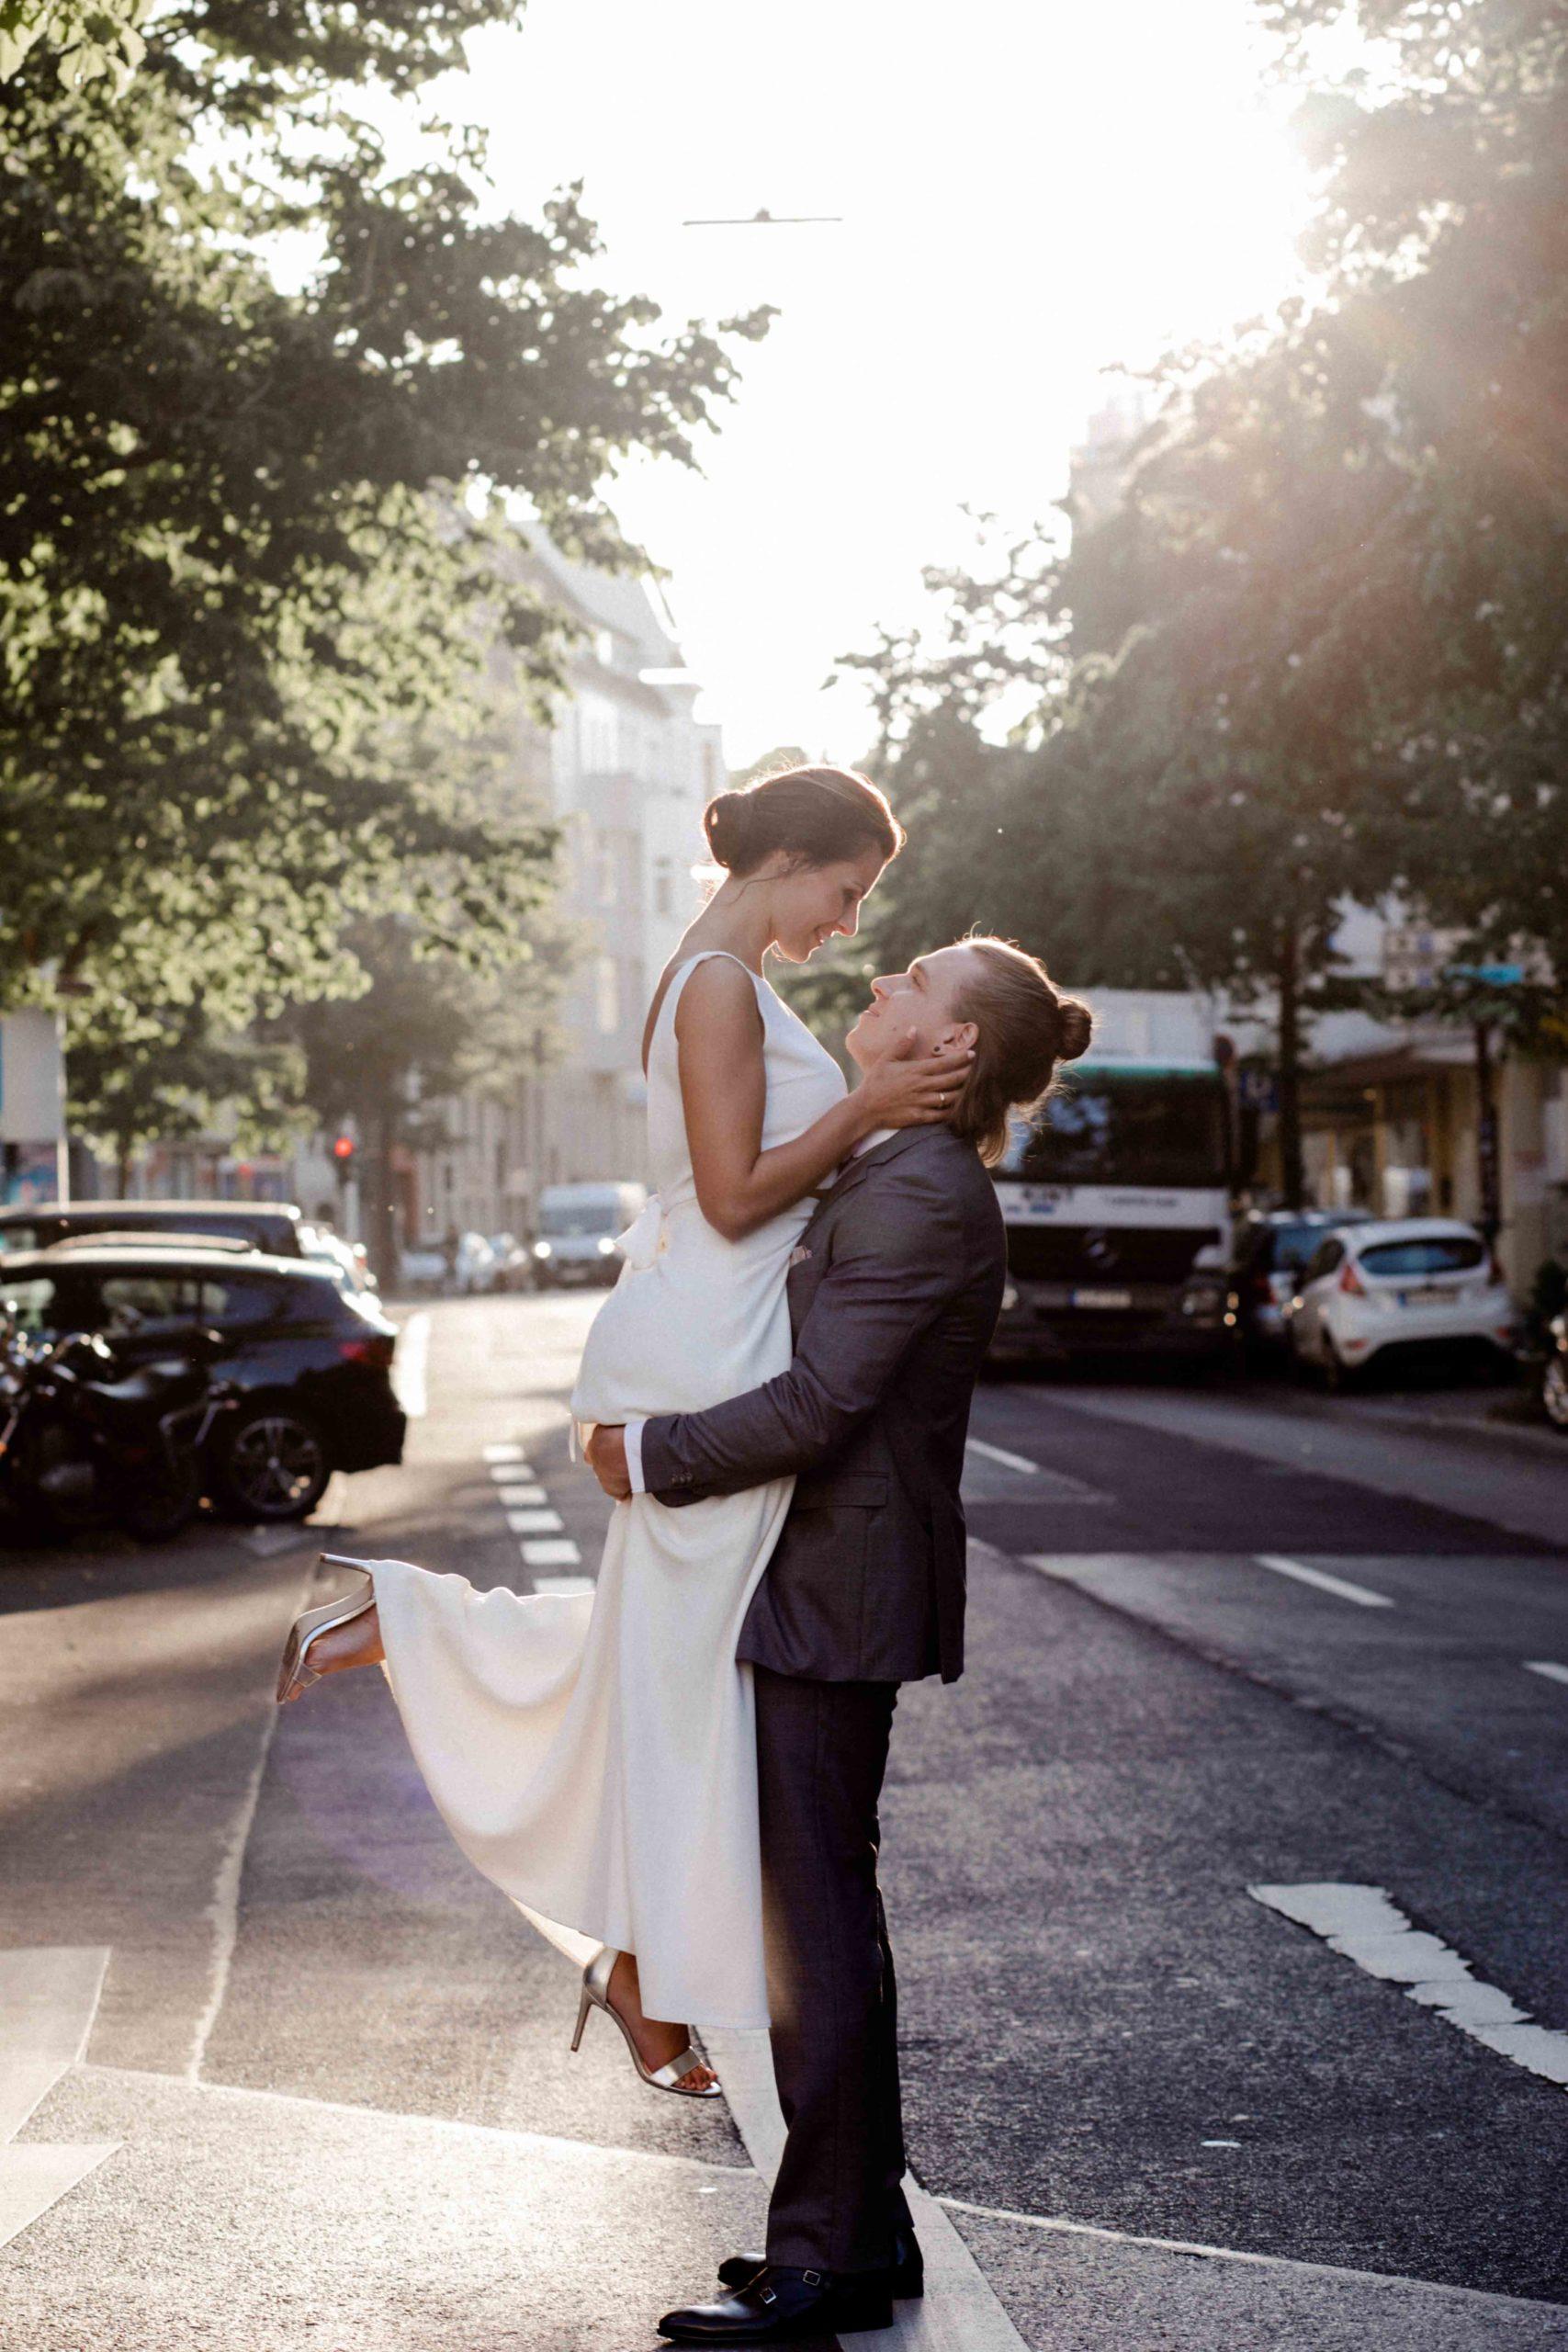 Styled Shoot Brautmode, Bräutigam hievt Braut in die Luft auf Strasse, lachend